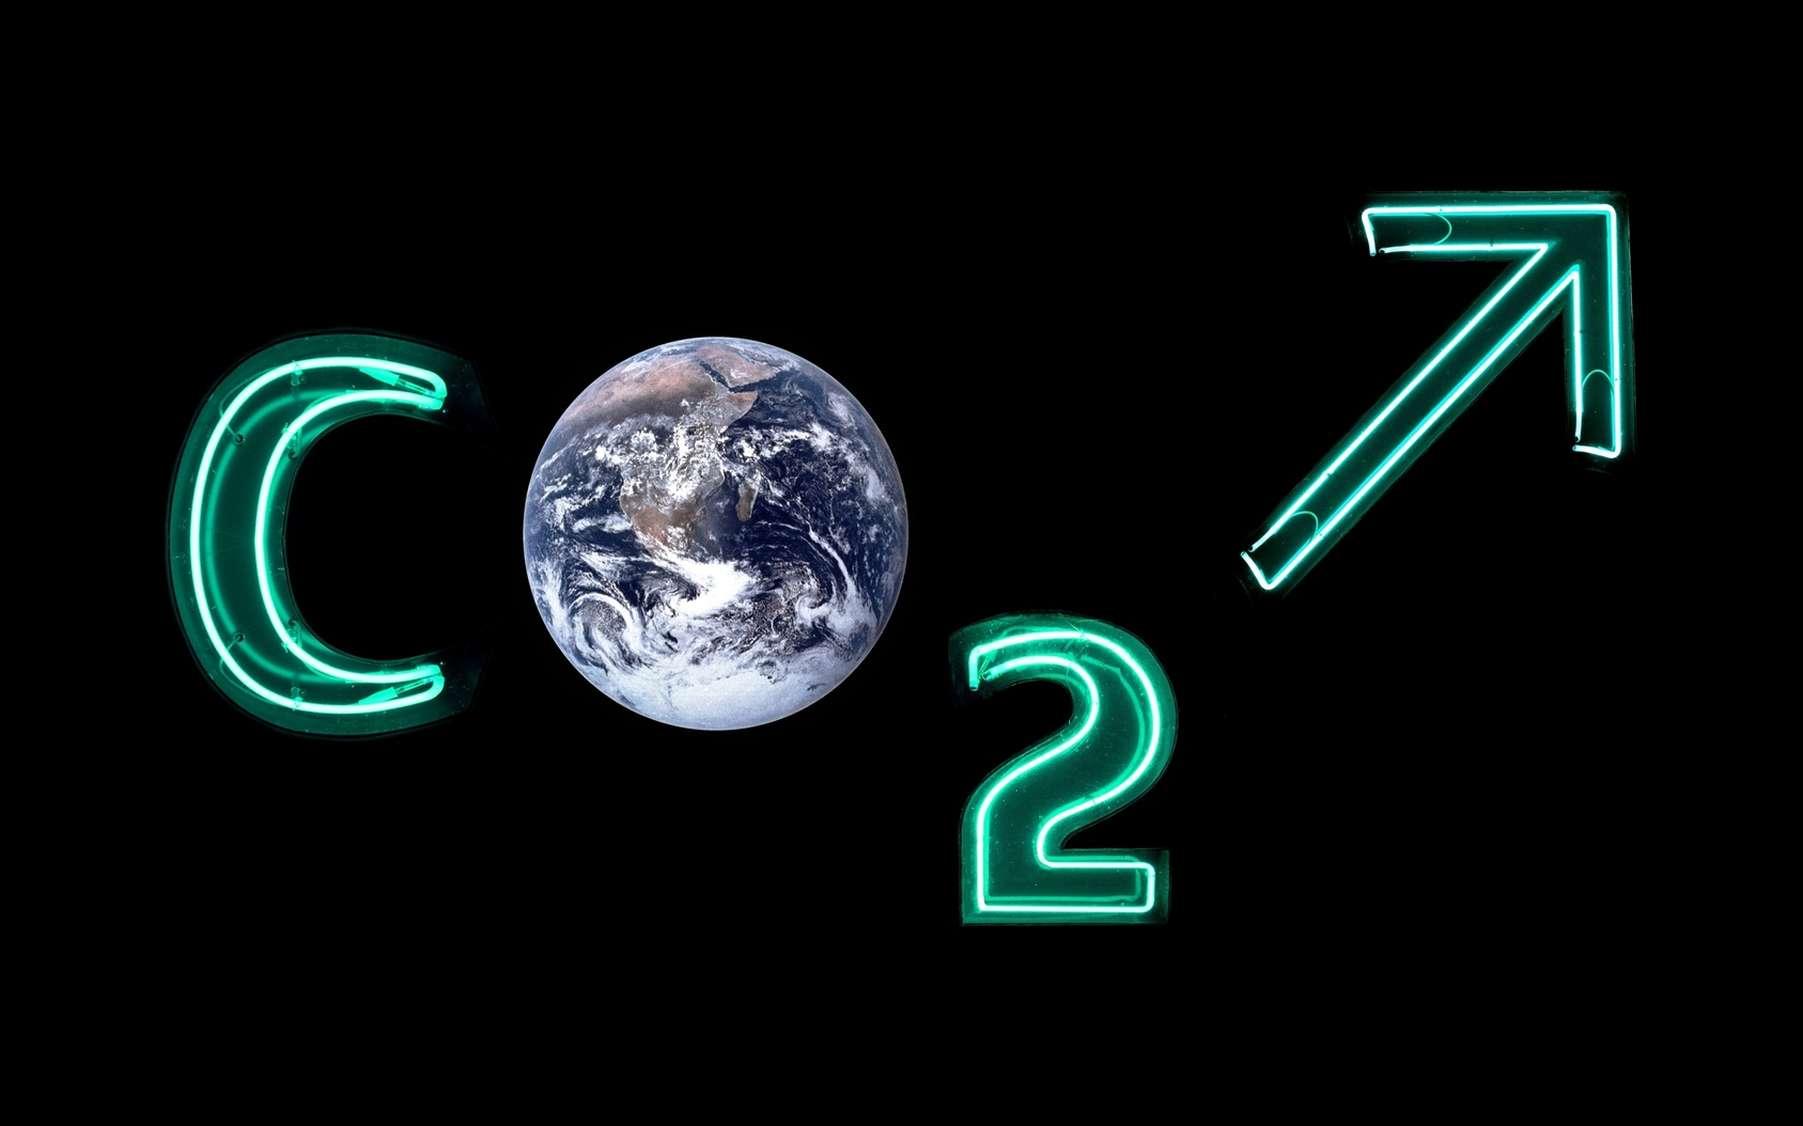 Une vue d'artiste du problème du gaz carbonique atmosphérique. © Franck Thomasse, fotolia